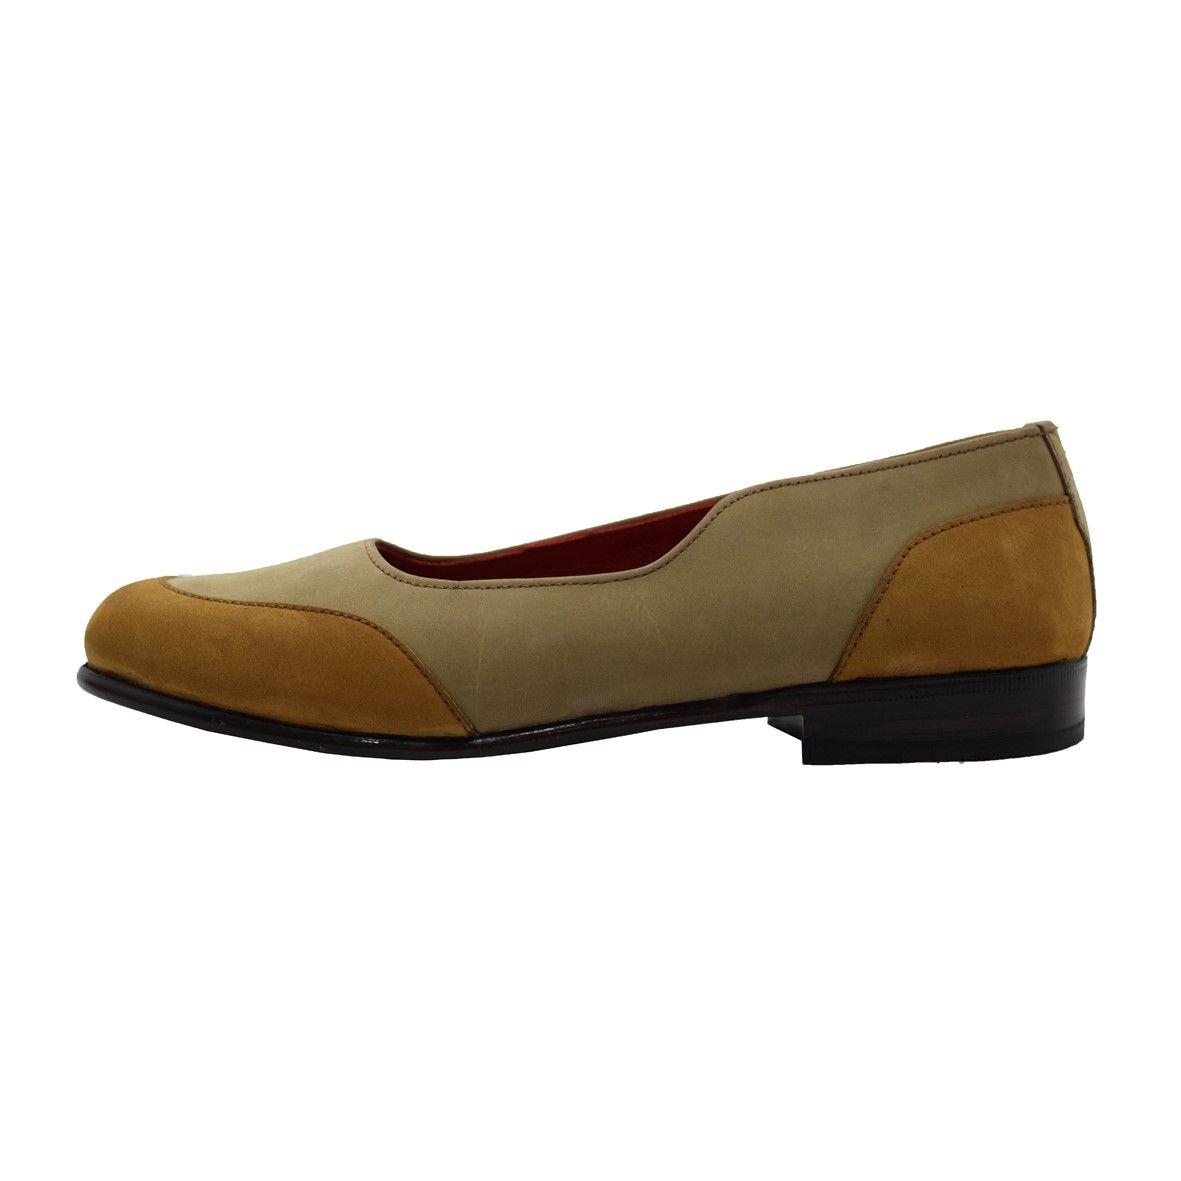 کفش زنانه دگرمان مدل آرام کد deg.1ar1105 -  - 2